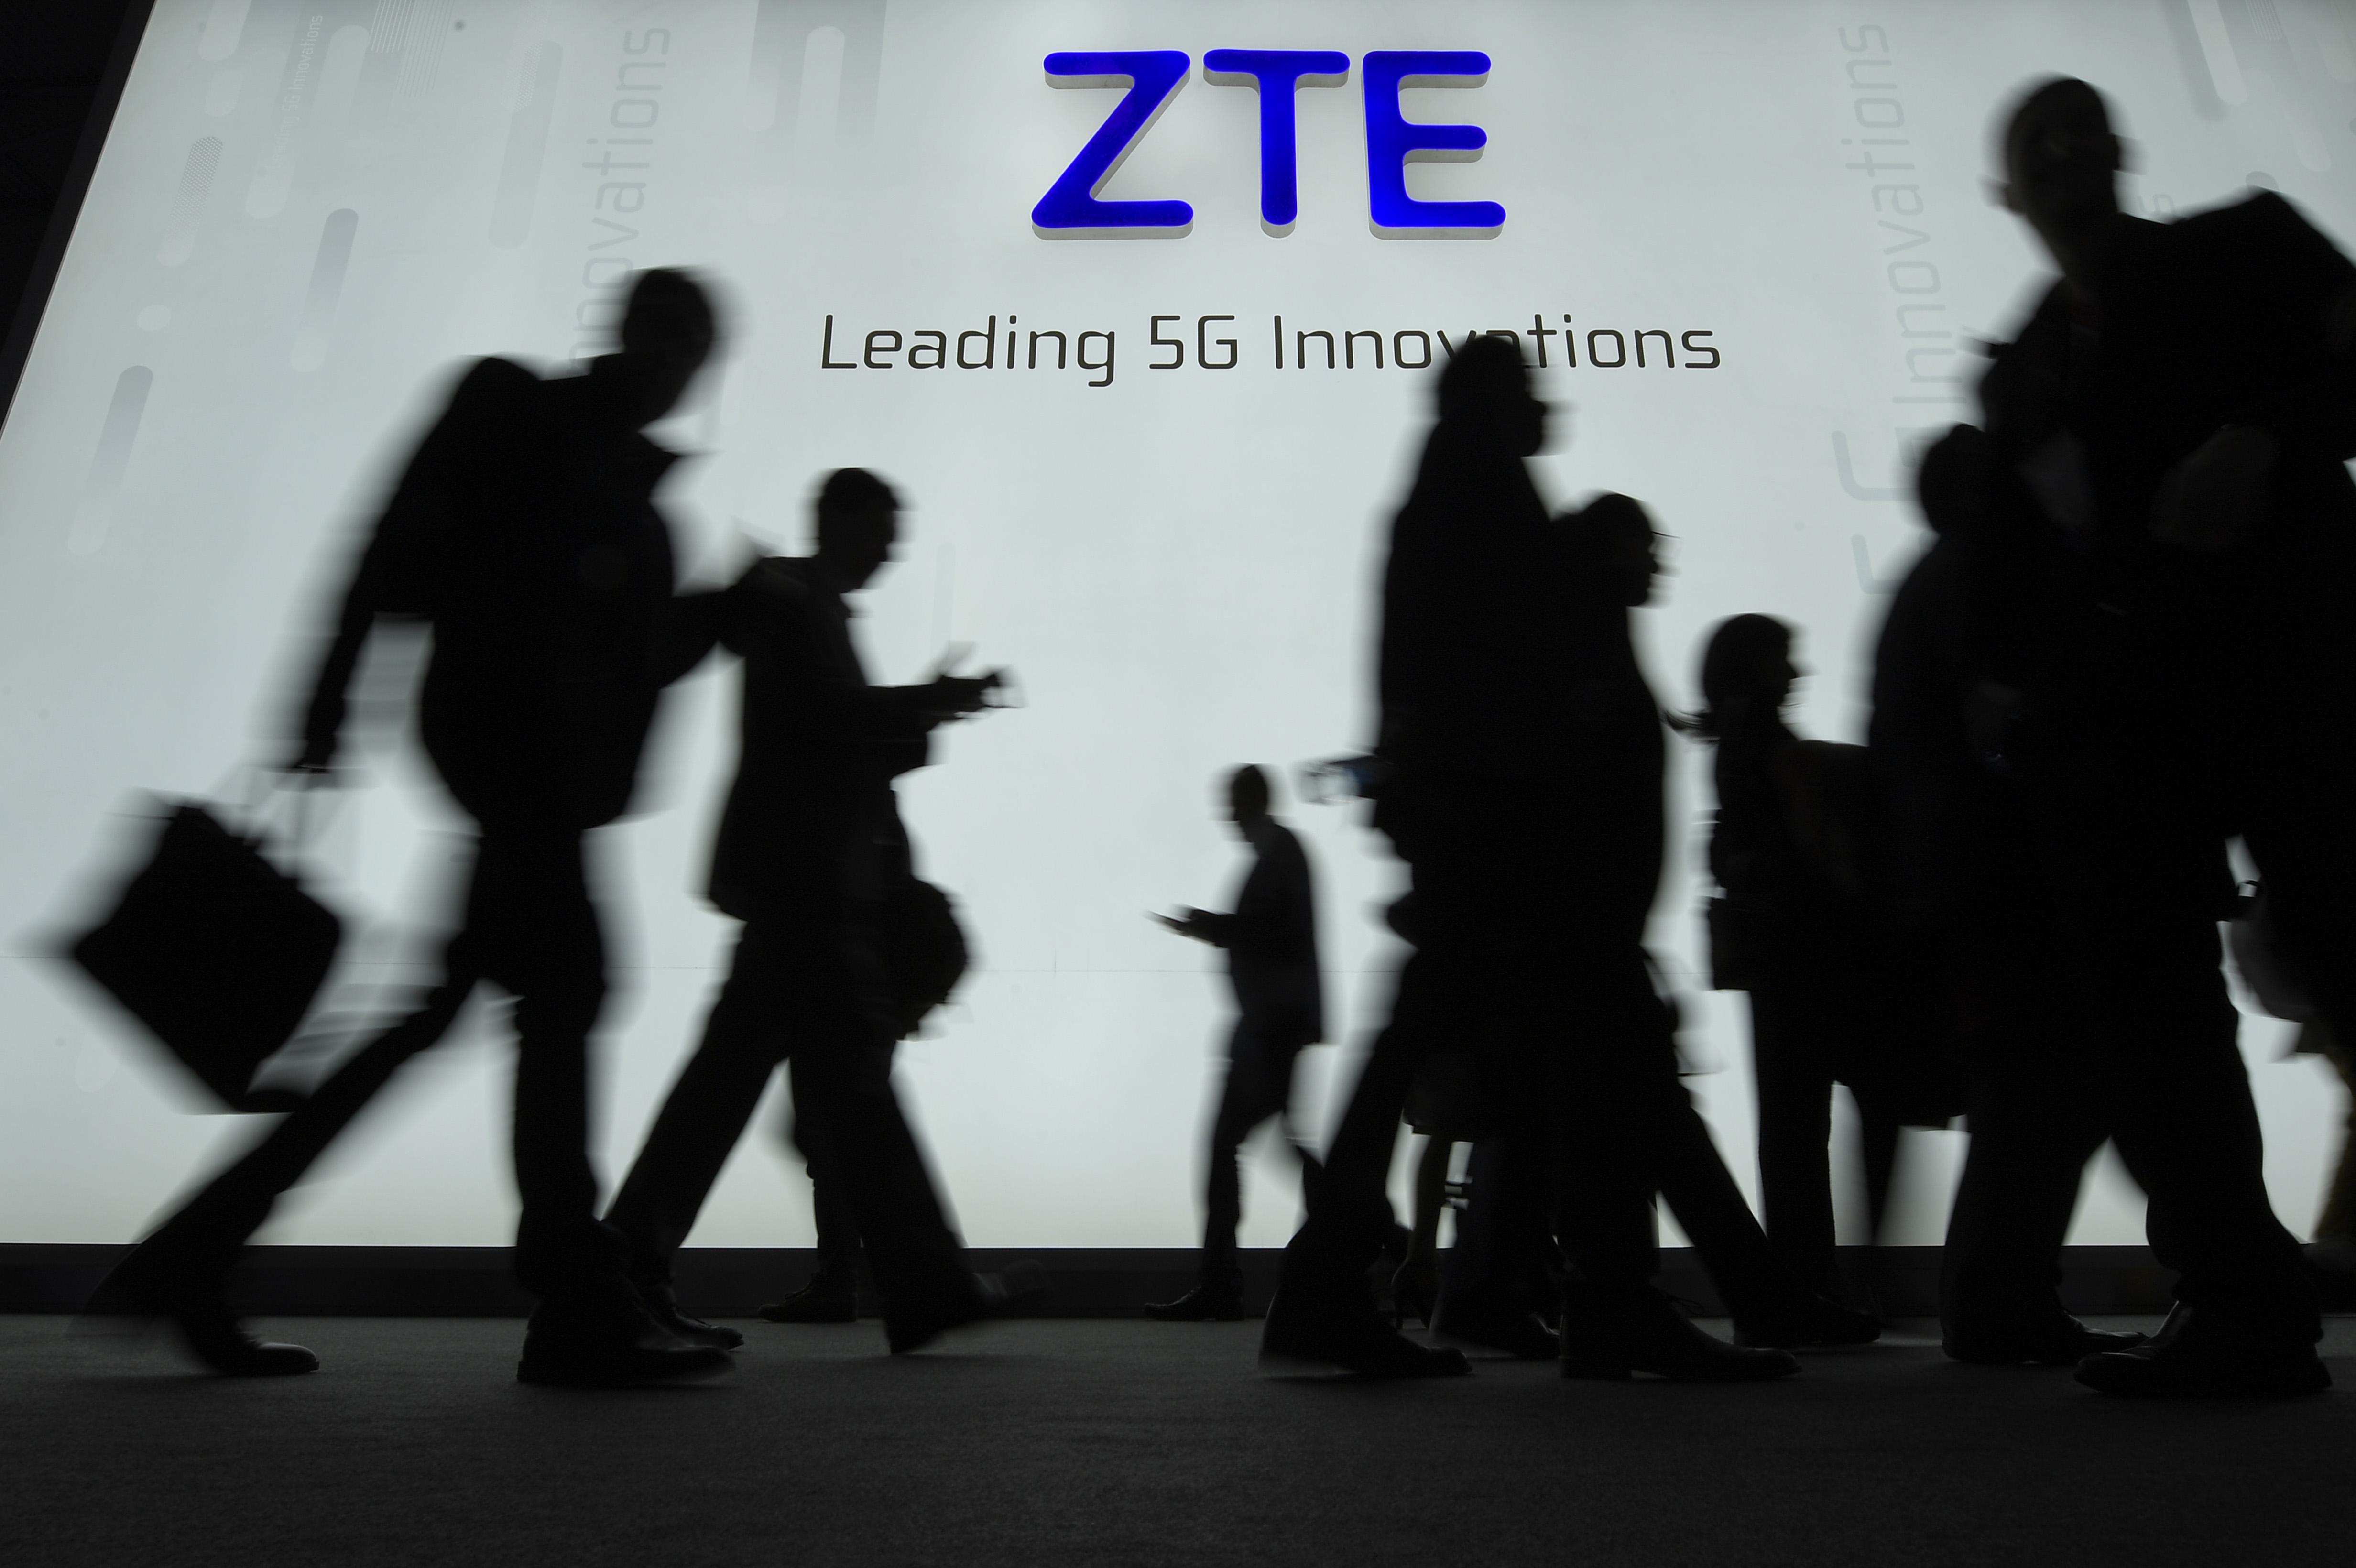 中國教授盜取矽谷公司機密 向中興兜售技術